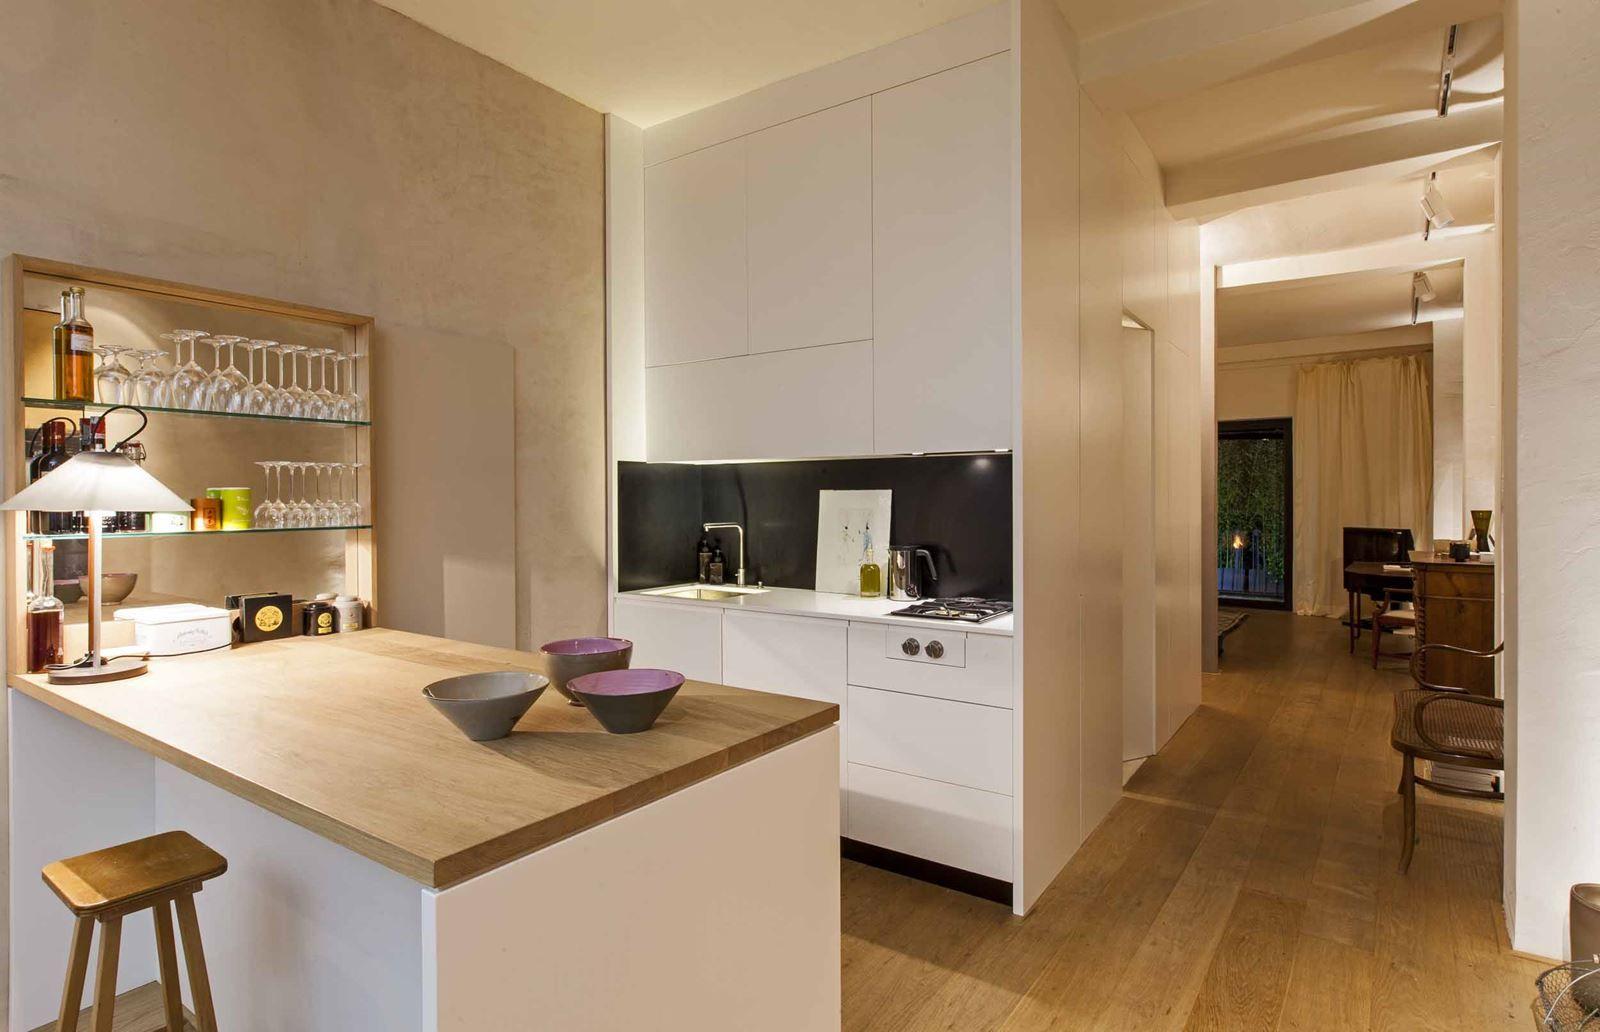 Casa Studio - Picture gallery #architecture #interiordesign #kitchen